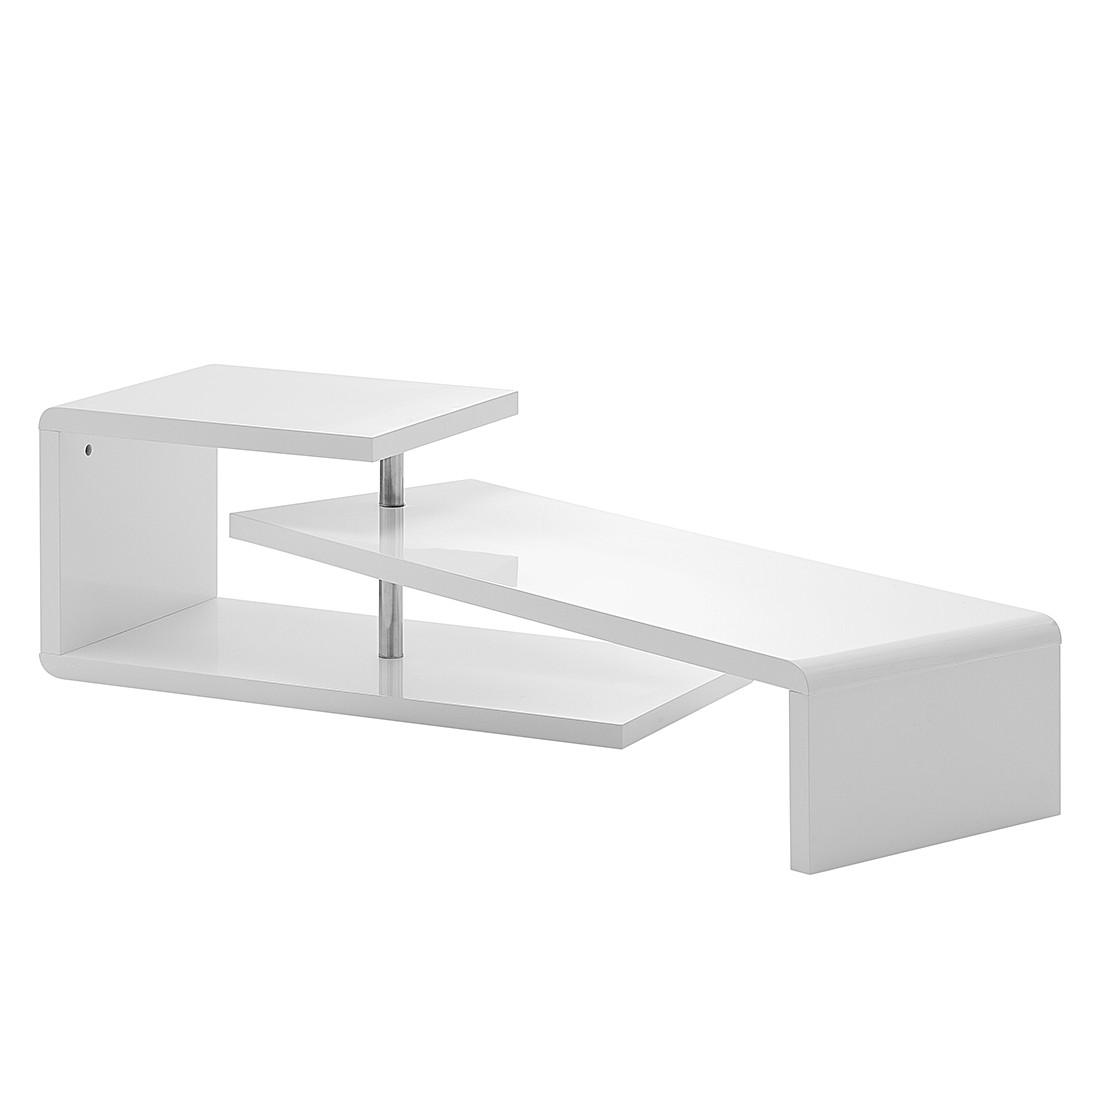 kleine meubels Tv-meubel Smethers -hoogglans wit/onbewerkt eikenhouten ...